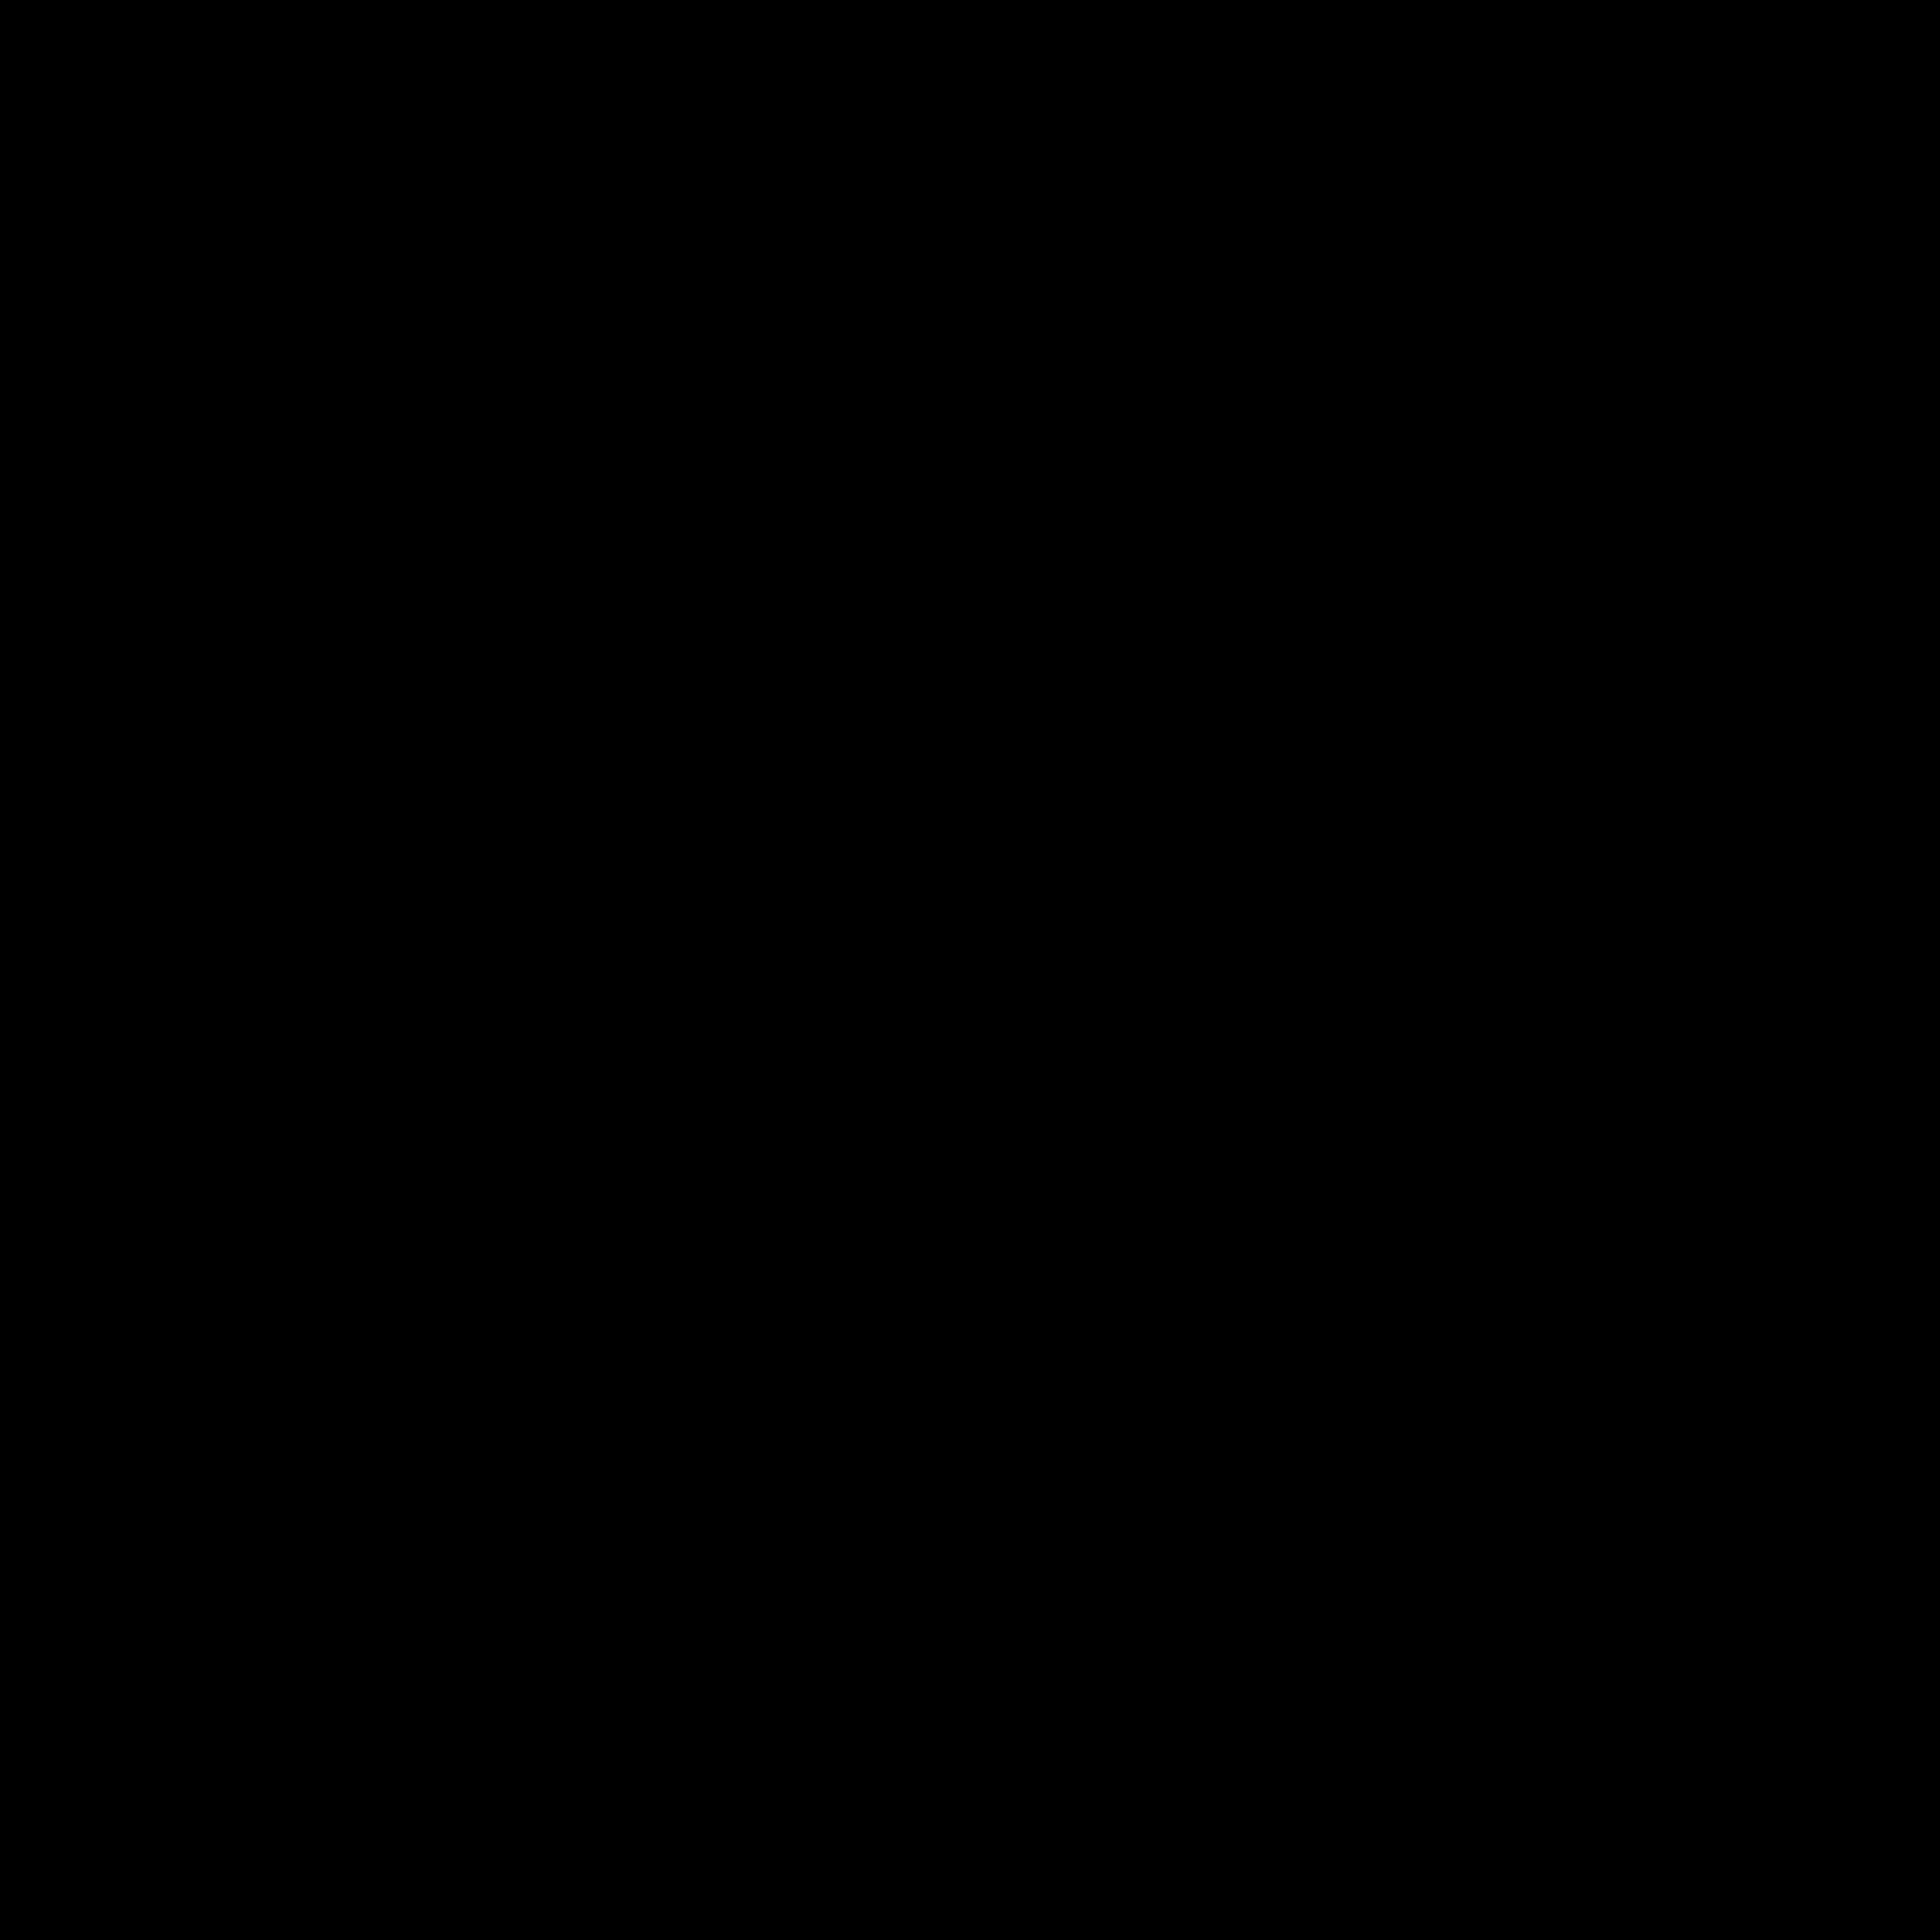 Scientific Diver Conference, Institute of Tourism Studies – Gozo